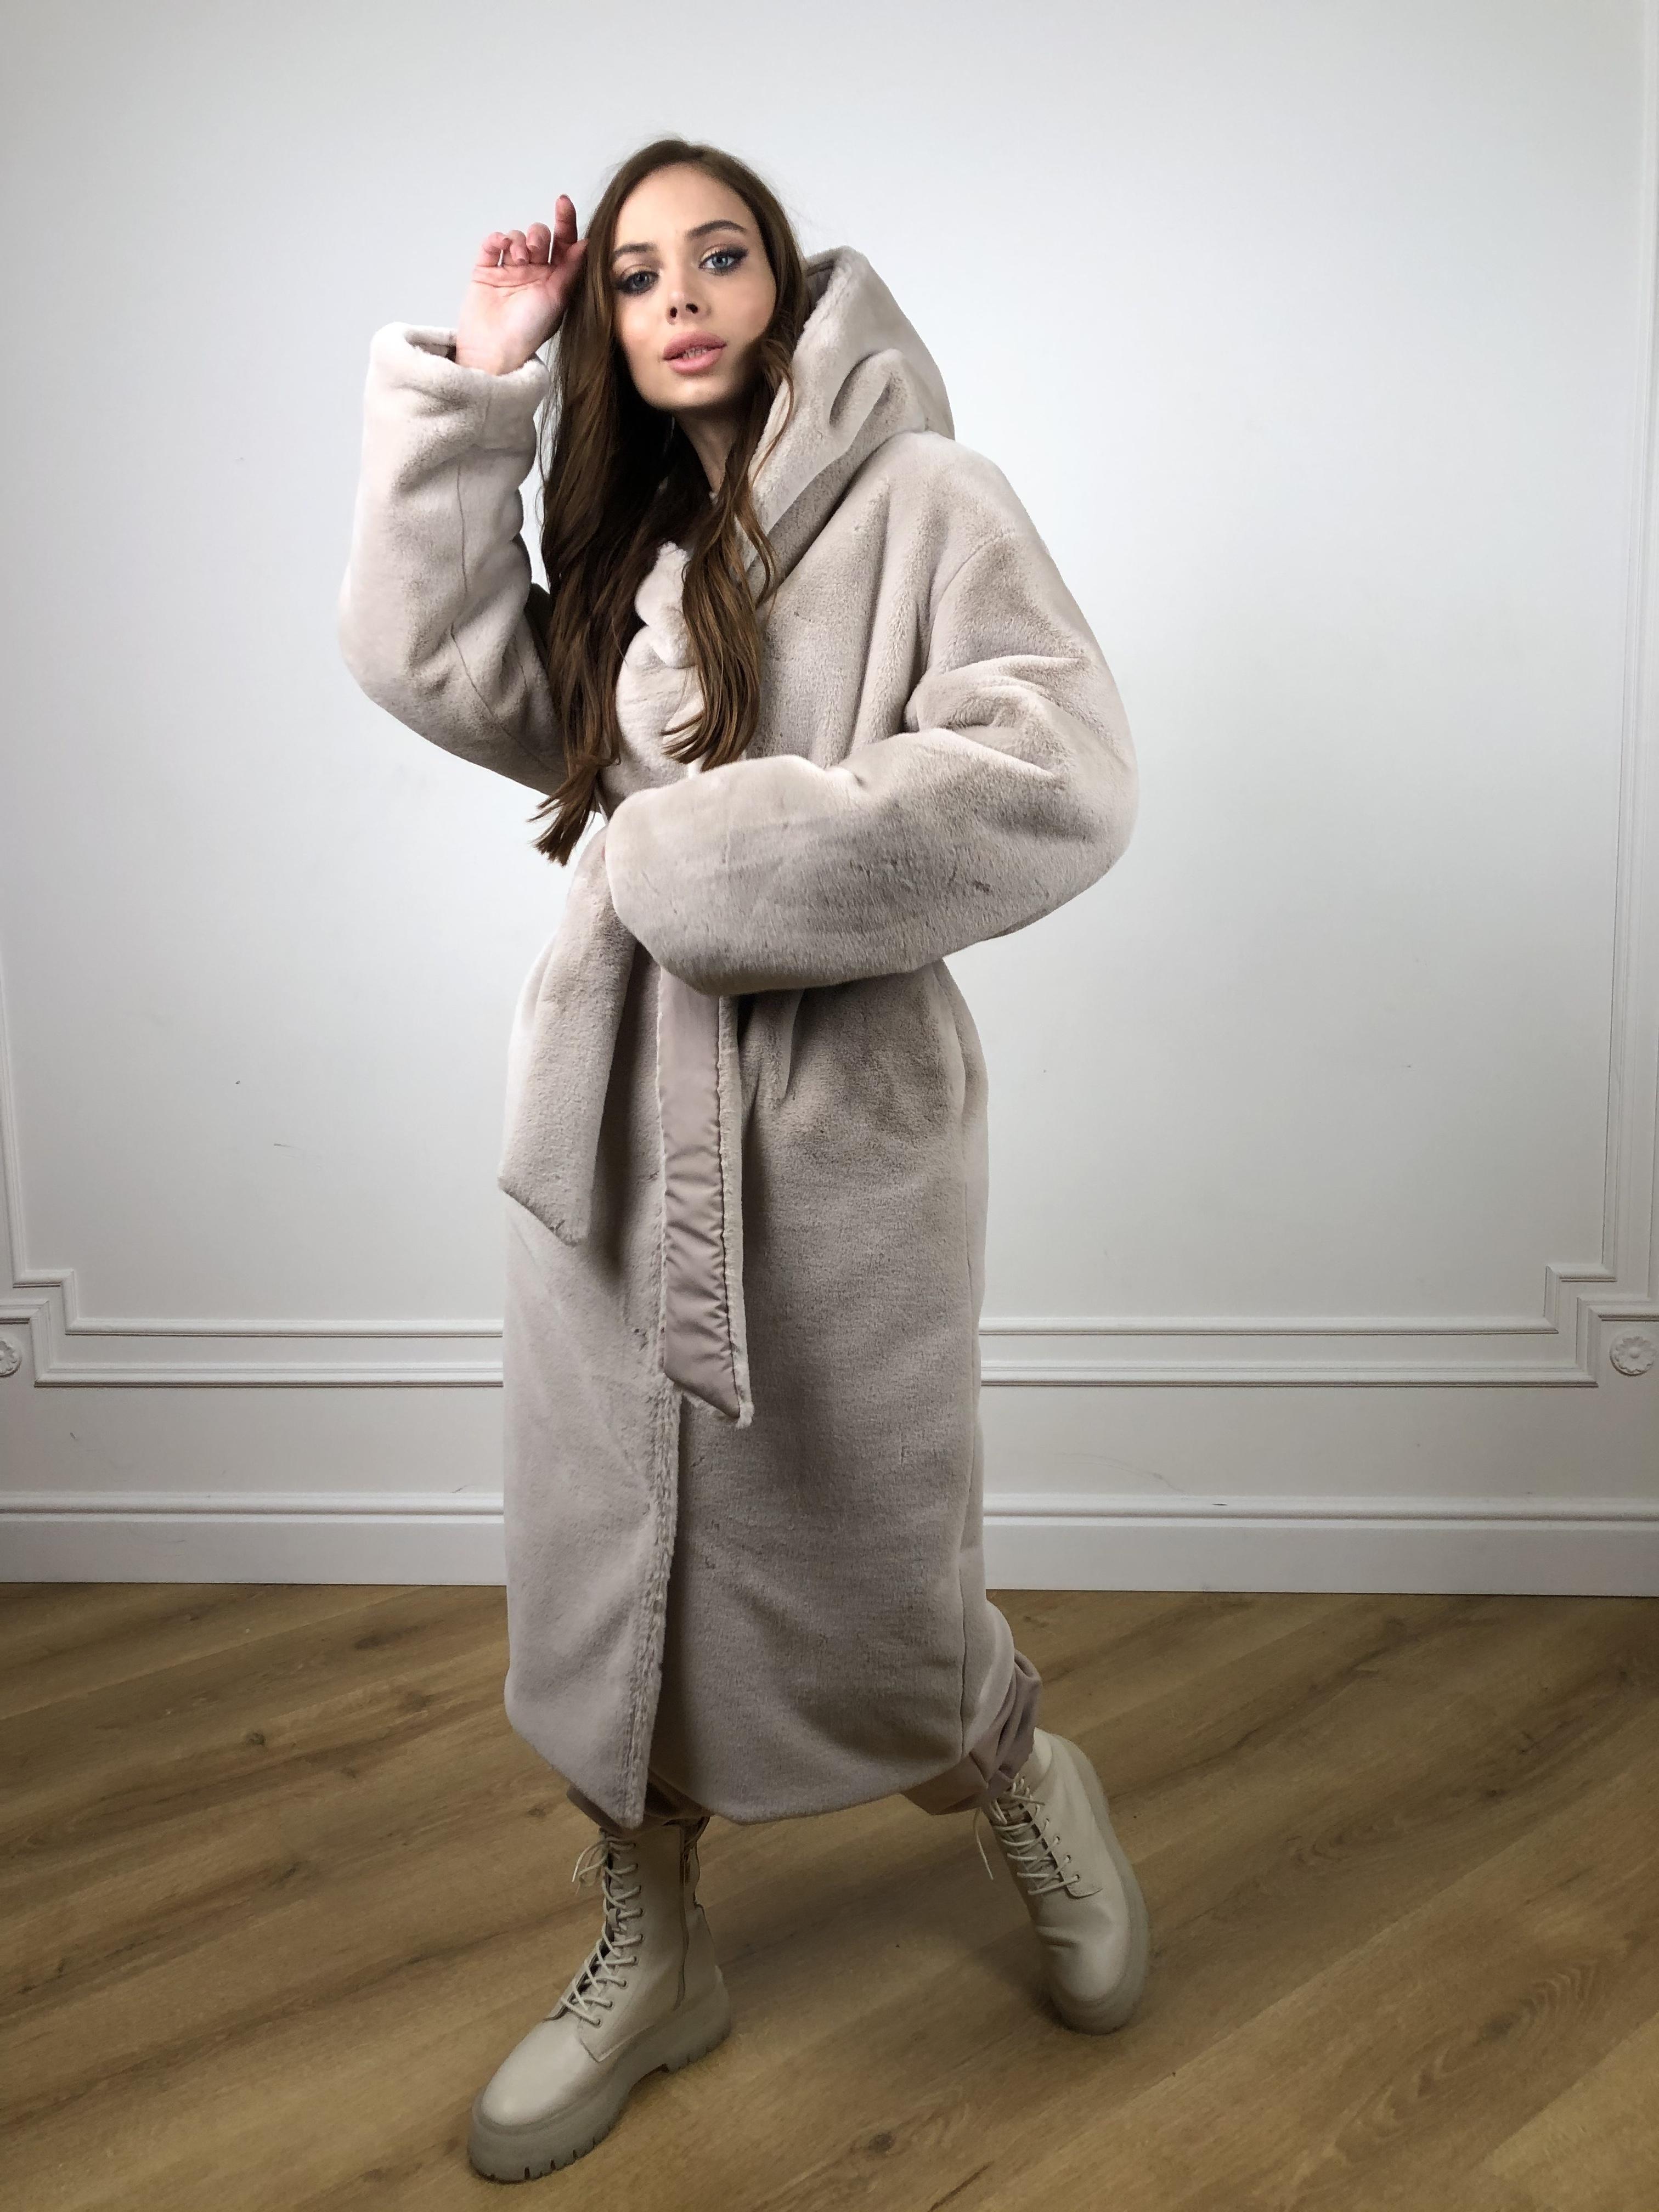 Сноу мех искуственный кролик   плащевка Канада зима пальто 10346 АРТ. 46646 Цвет: Св.серый/Кофе - фото 8, интернет магазин tm-modus.ru